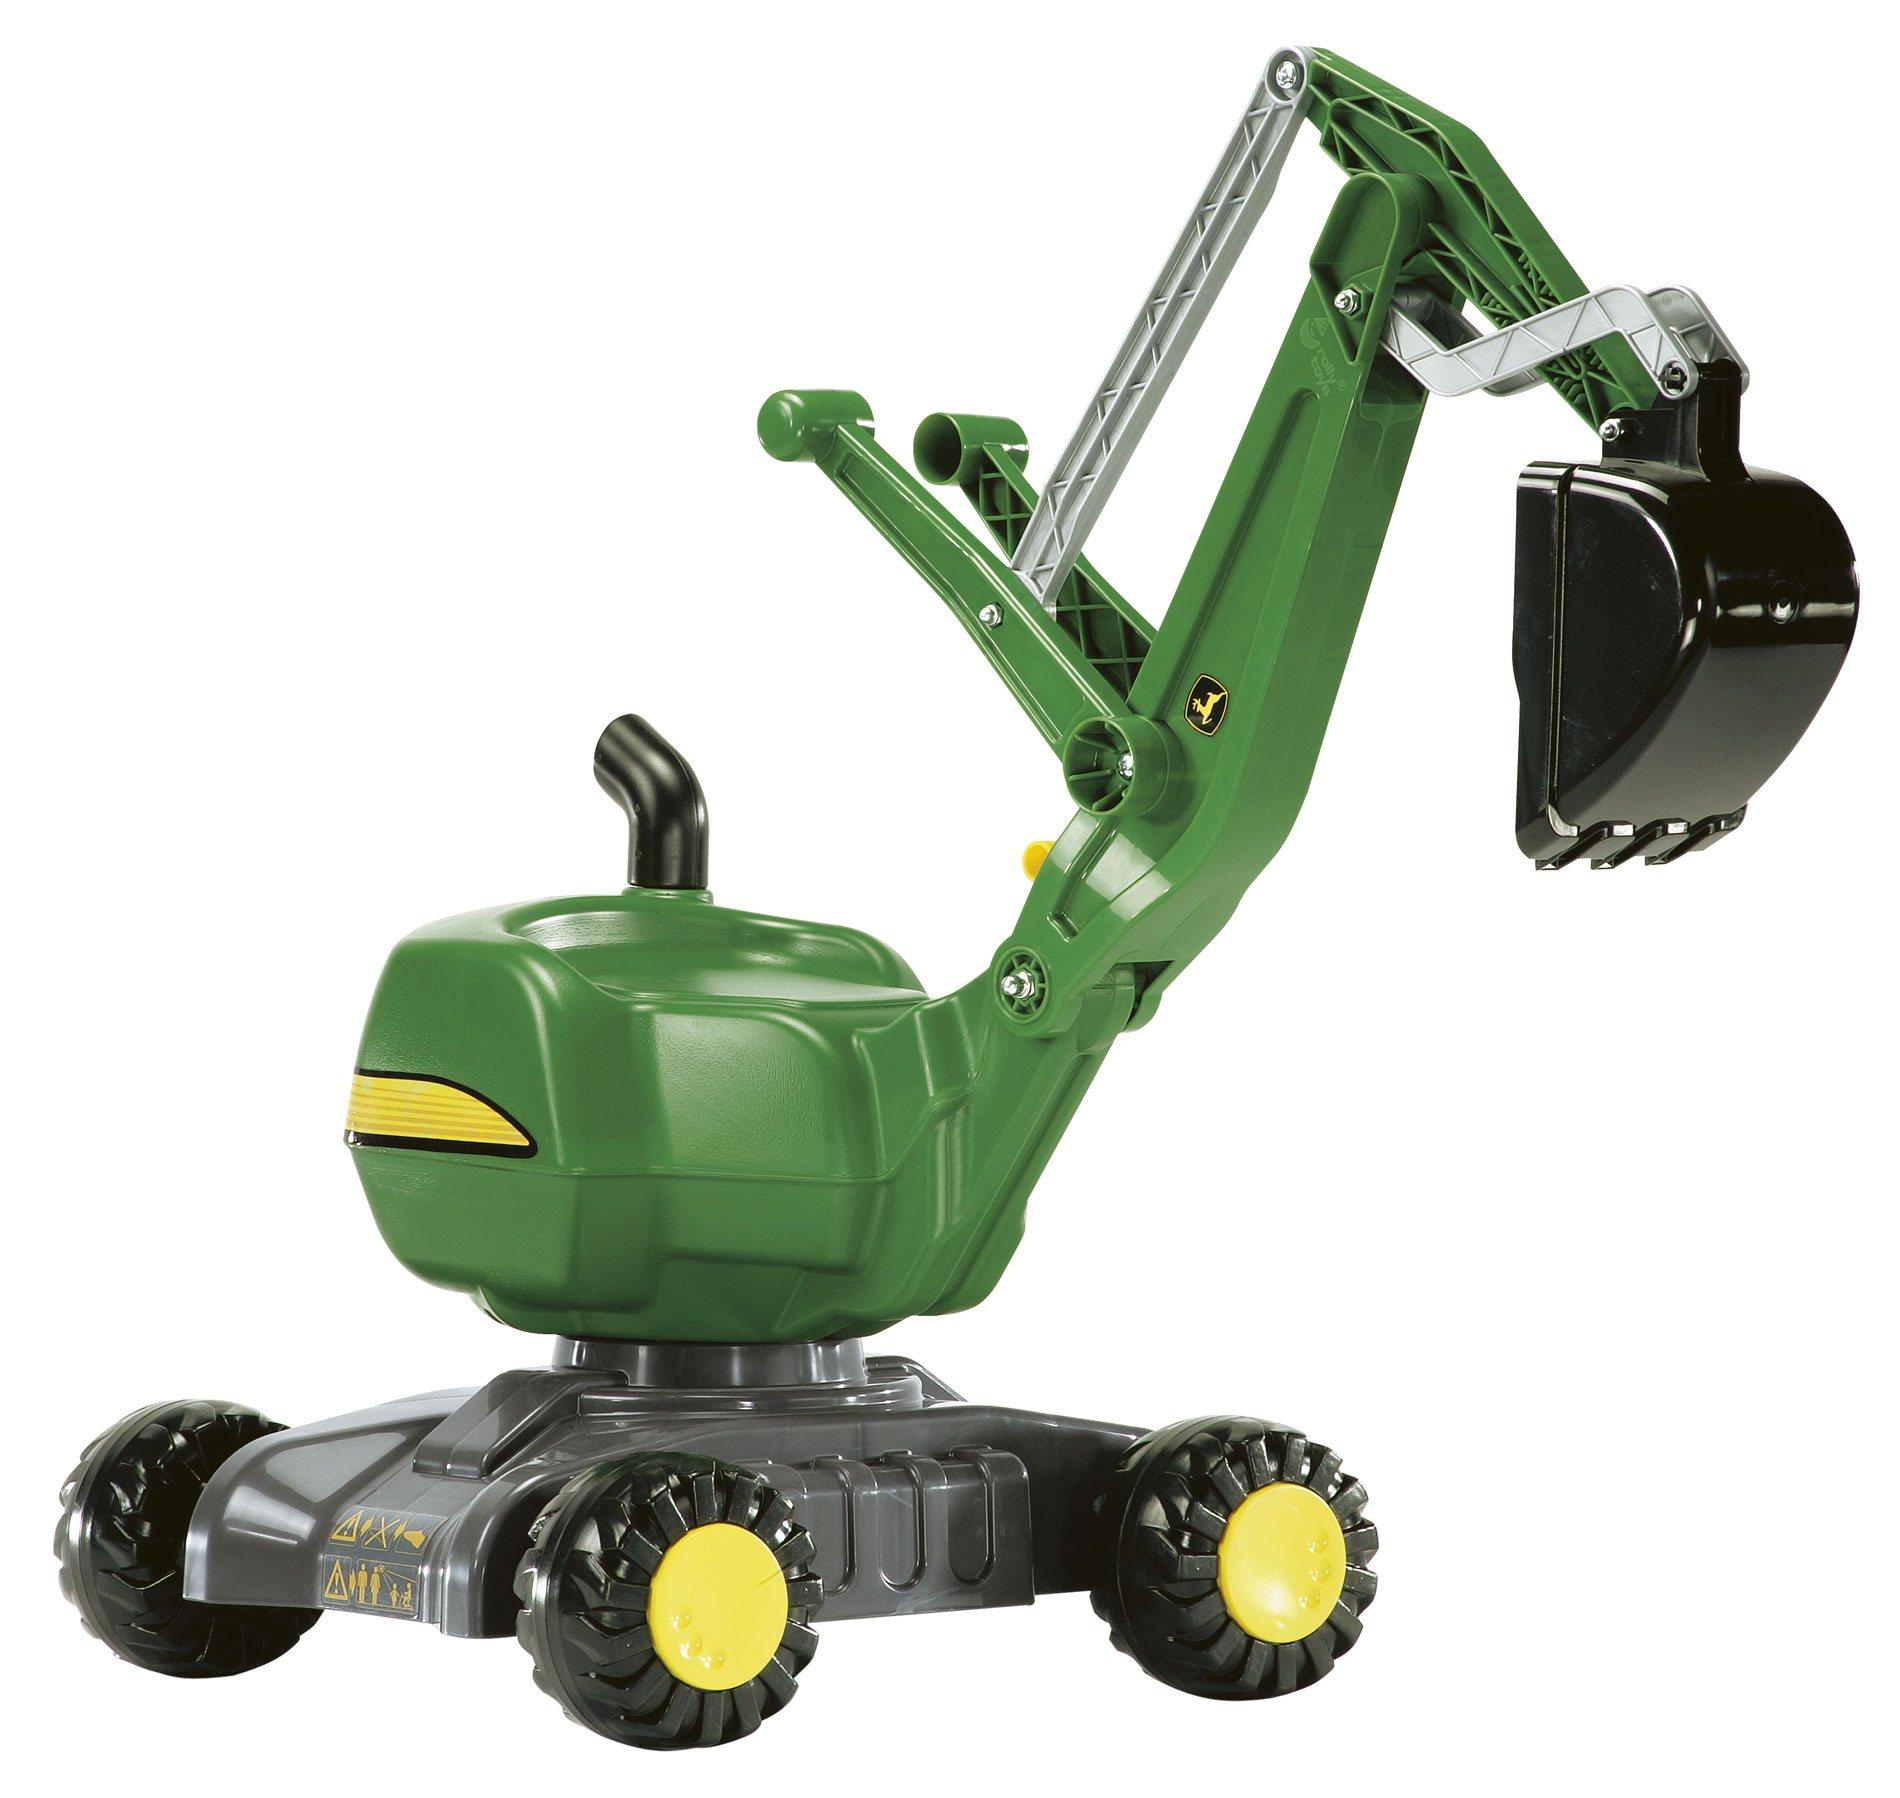 Excavadora John Deere width=